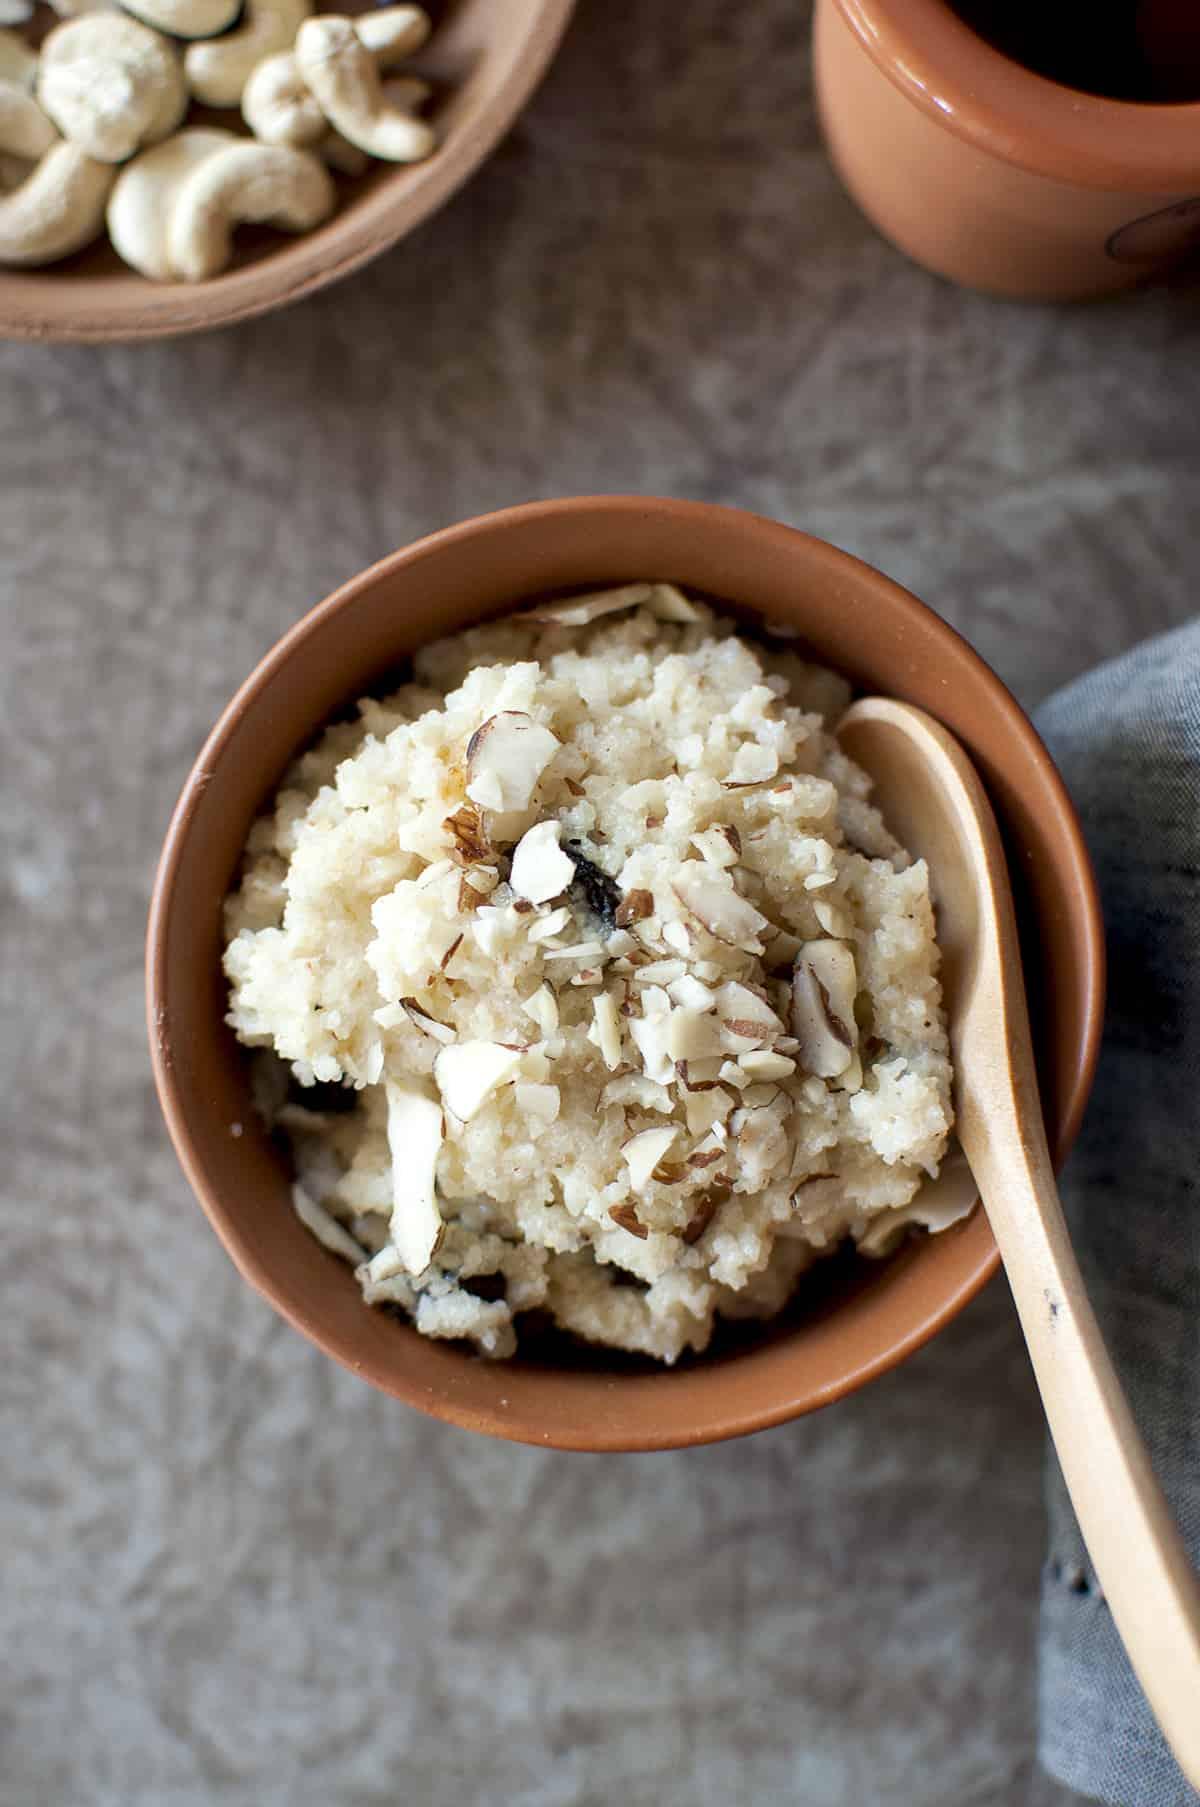 Dasara Recipe Rava Kesari served in Terracotta bowl